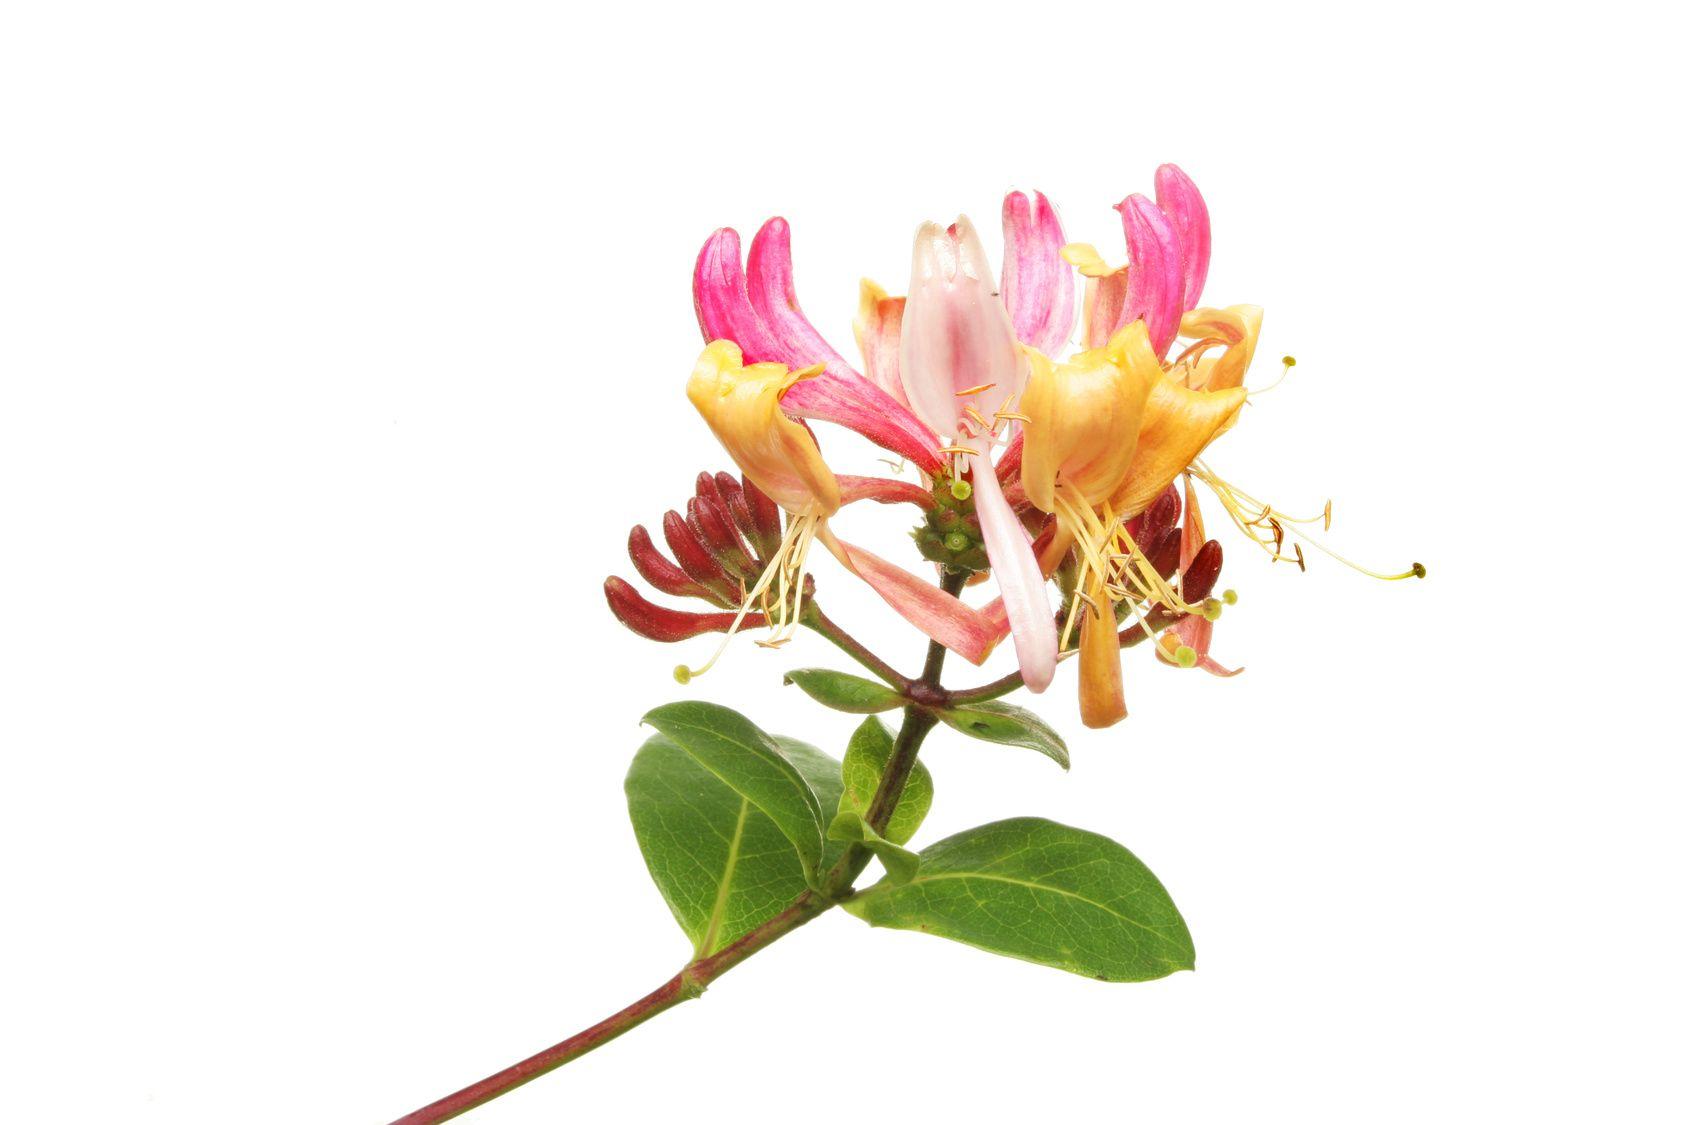 Lonicera Japonica Honeysuckle Flower Honeysuckle Flower Fragrance Oil Fragrance